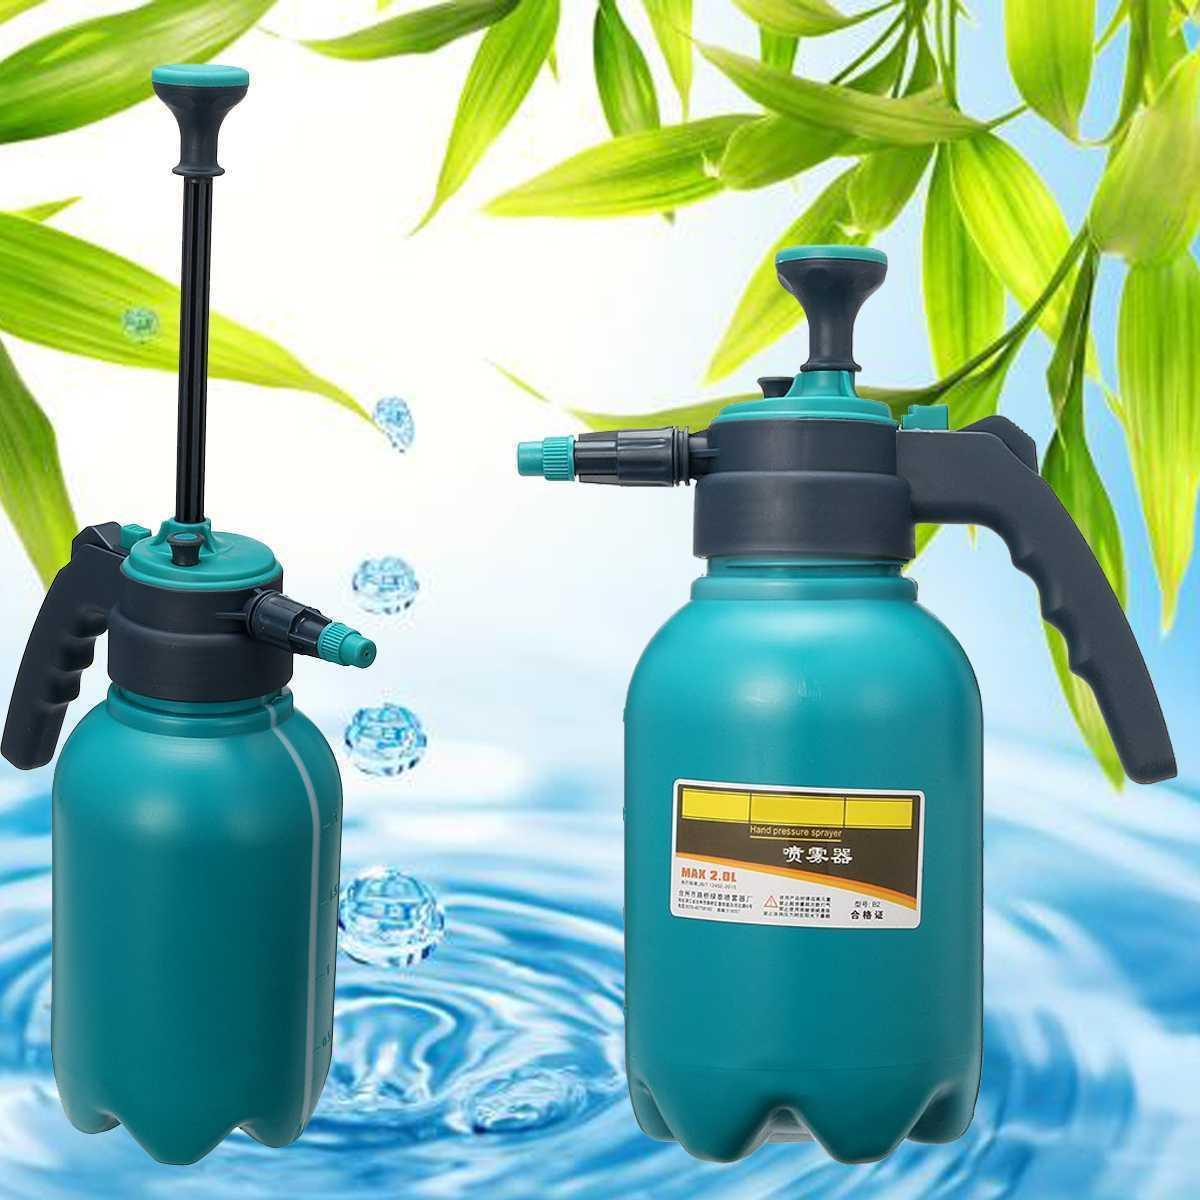 Pompa a spruzzatore chimico portatile Pompa a pressione per la pressione della pressione del trigger Bottiglia regolabile dell'ugello di rame della pompa di compressione dell'aria spray 2.0l Y200106